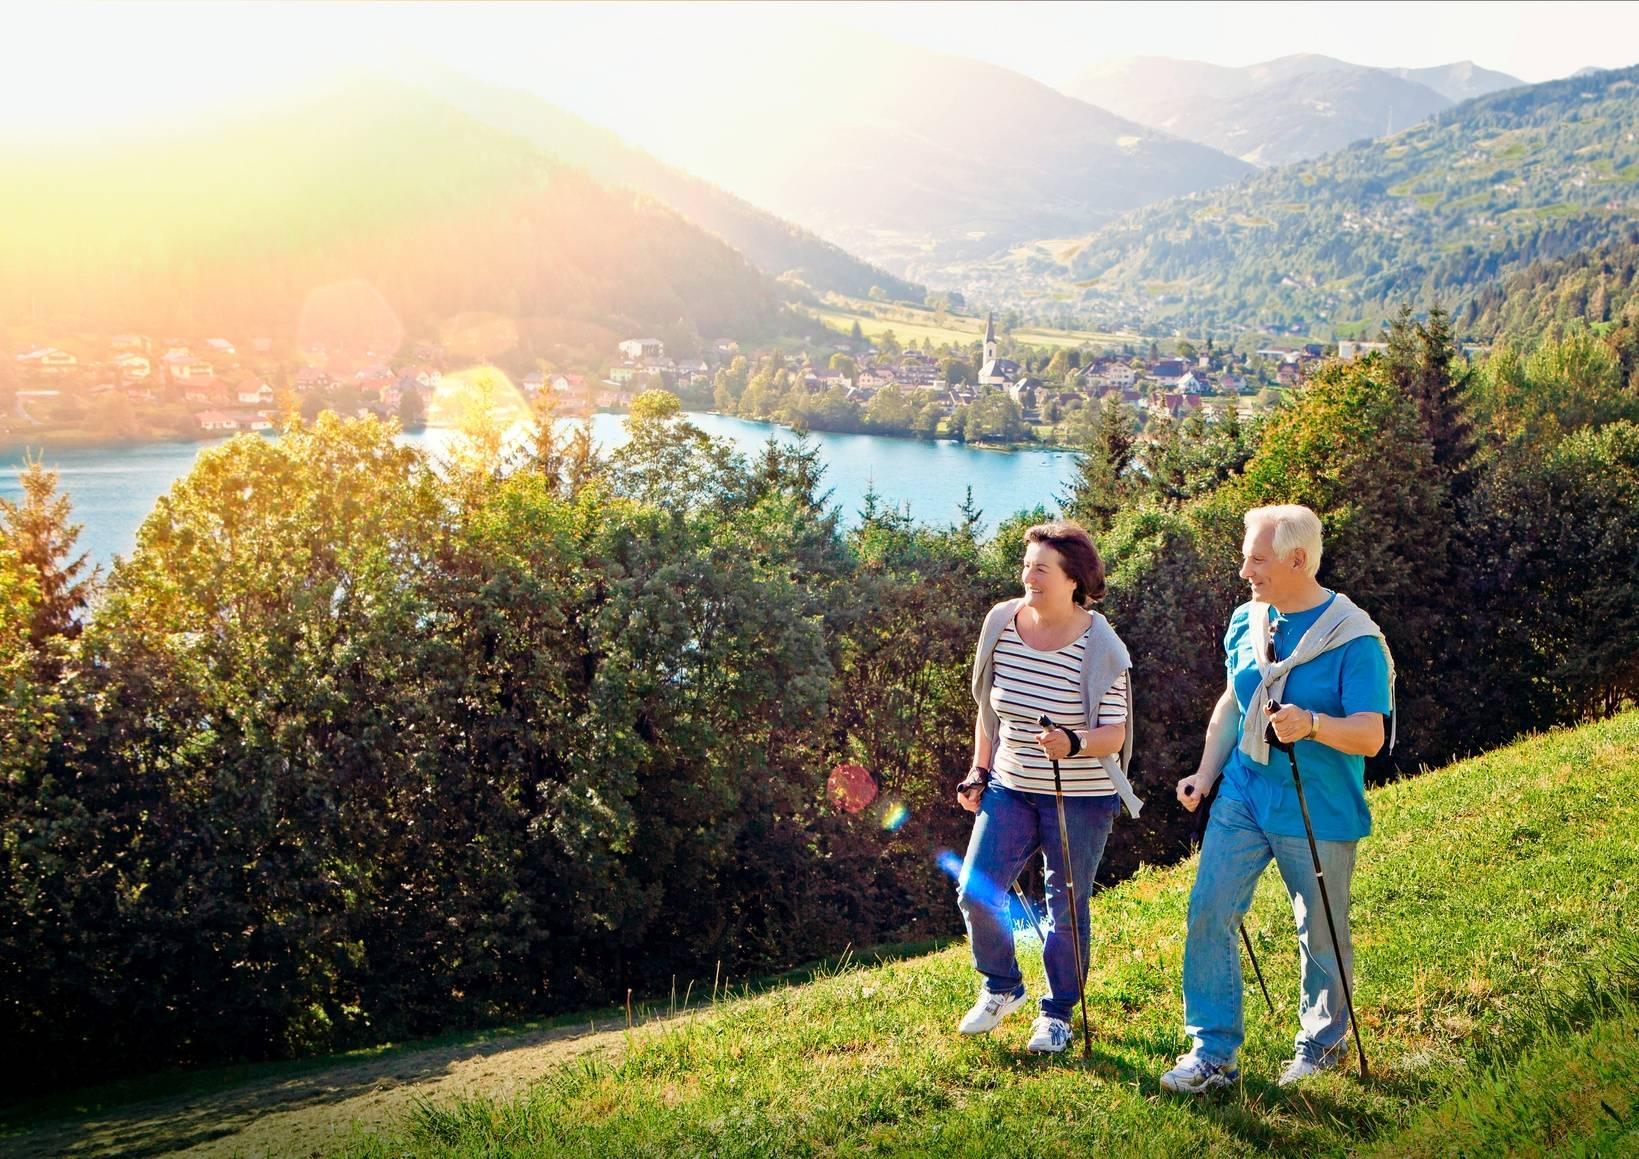 Gdzie narodził się nordic walking? Jak prawidłowo uprawiać nordic walking? Seniorzy uprawiają nordic walking w górach.